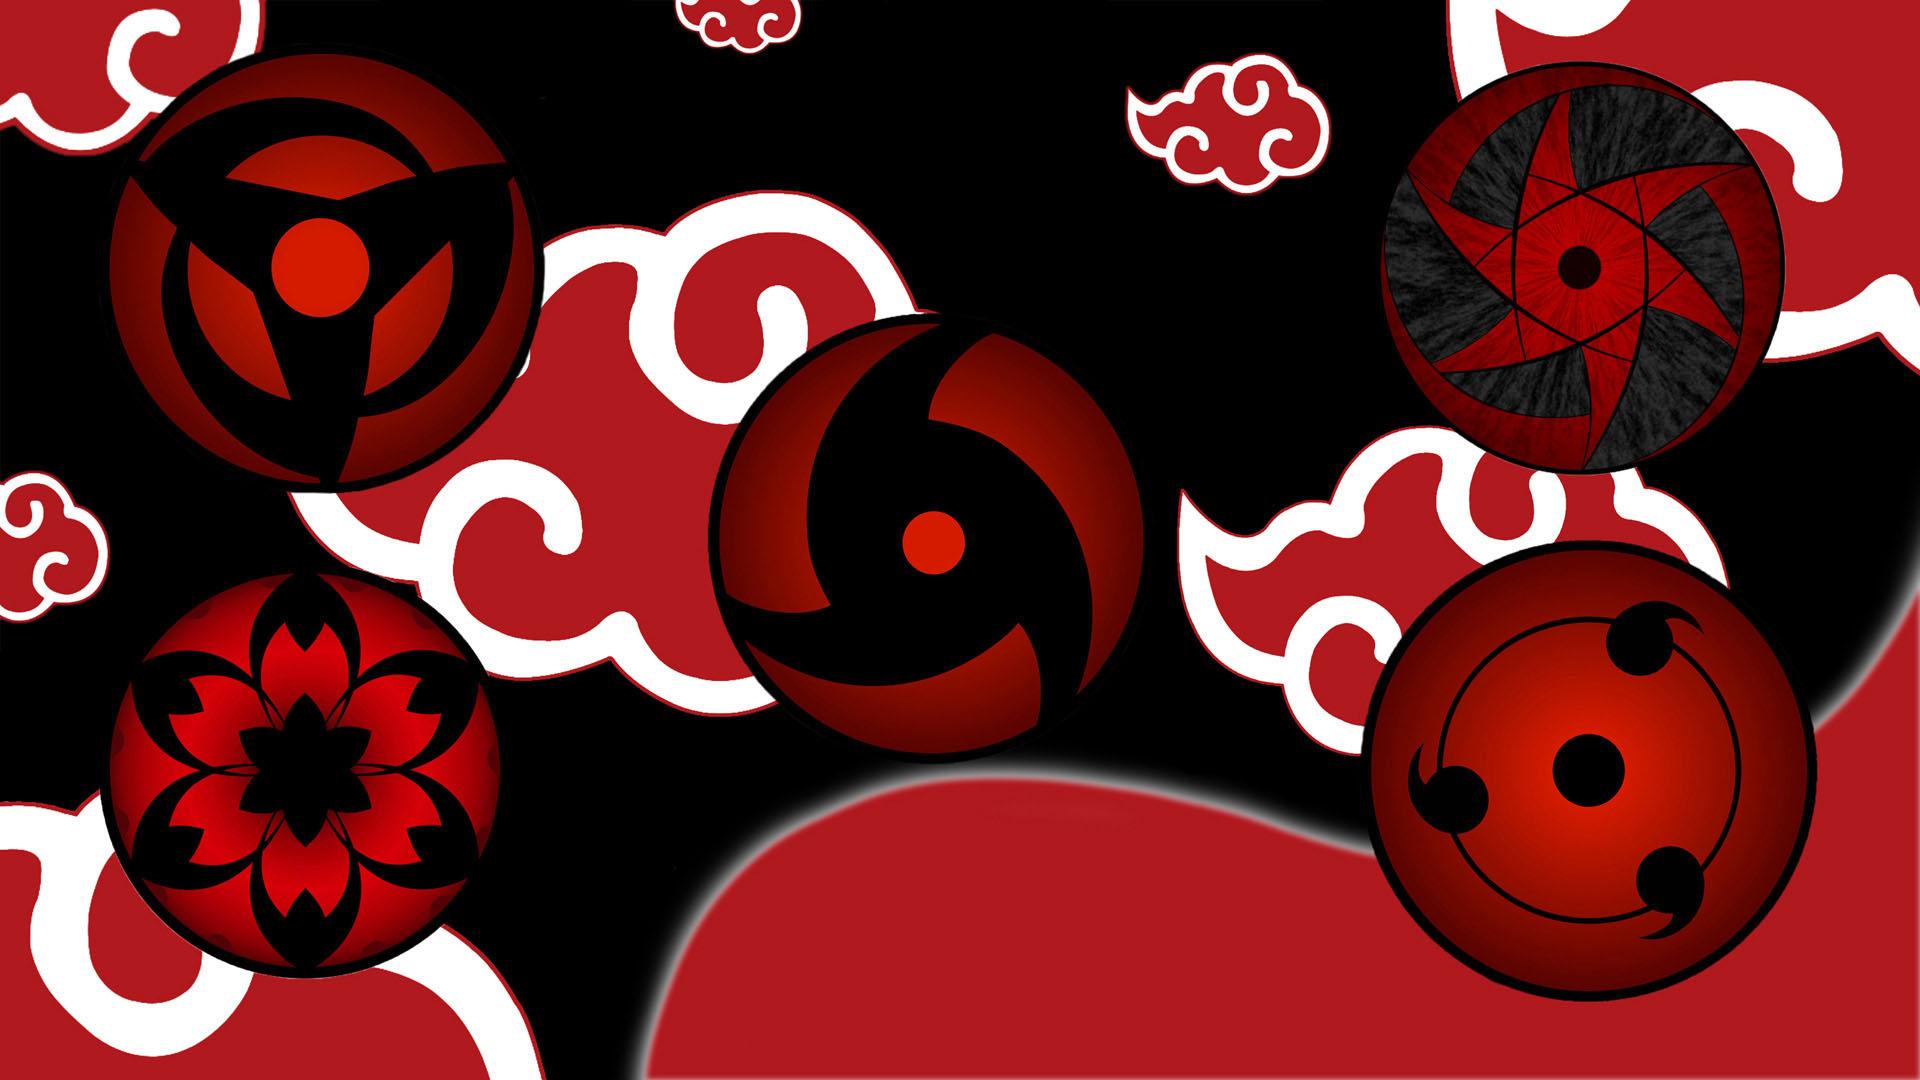 火影忍者血轮眼图片_求火影忍者写轮眼平面图片,用来做手机桌面。只要写轮眼,不要把 ...